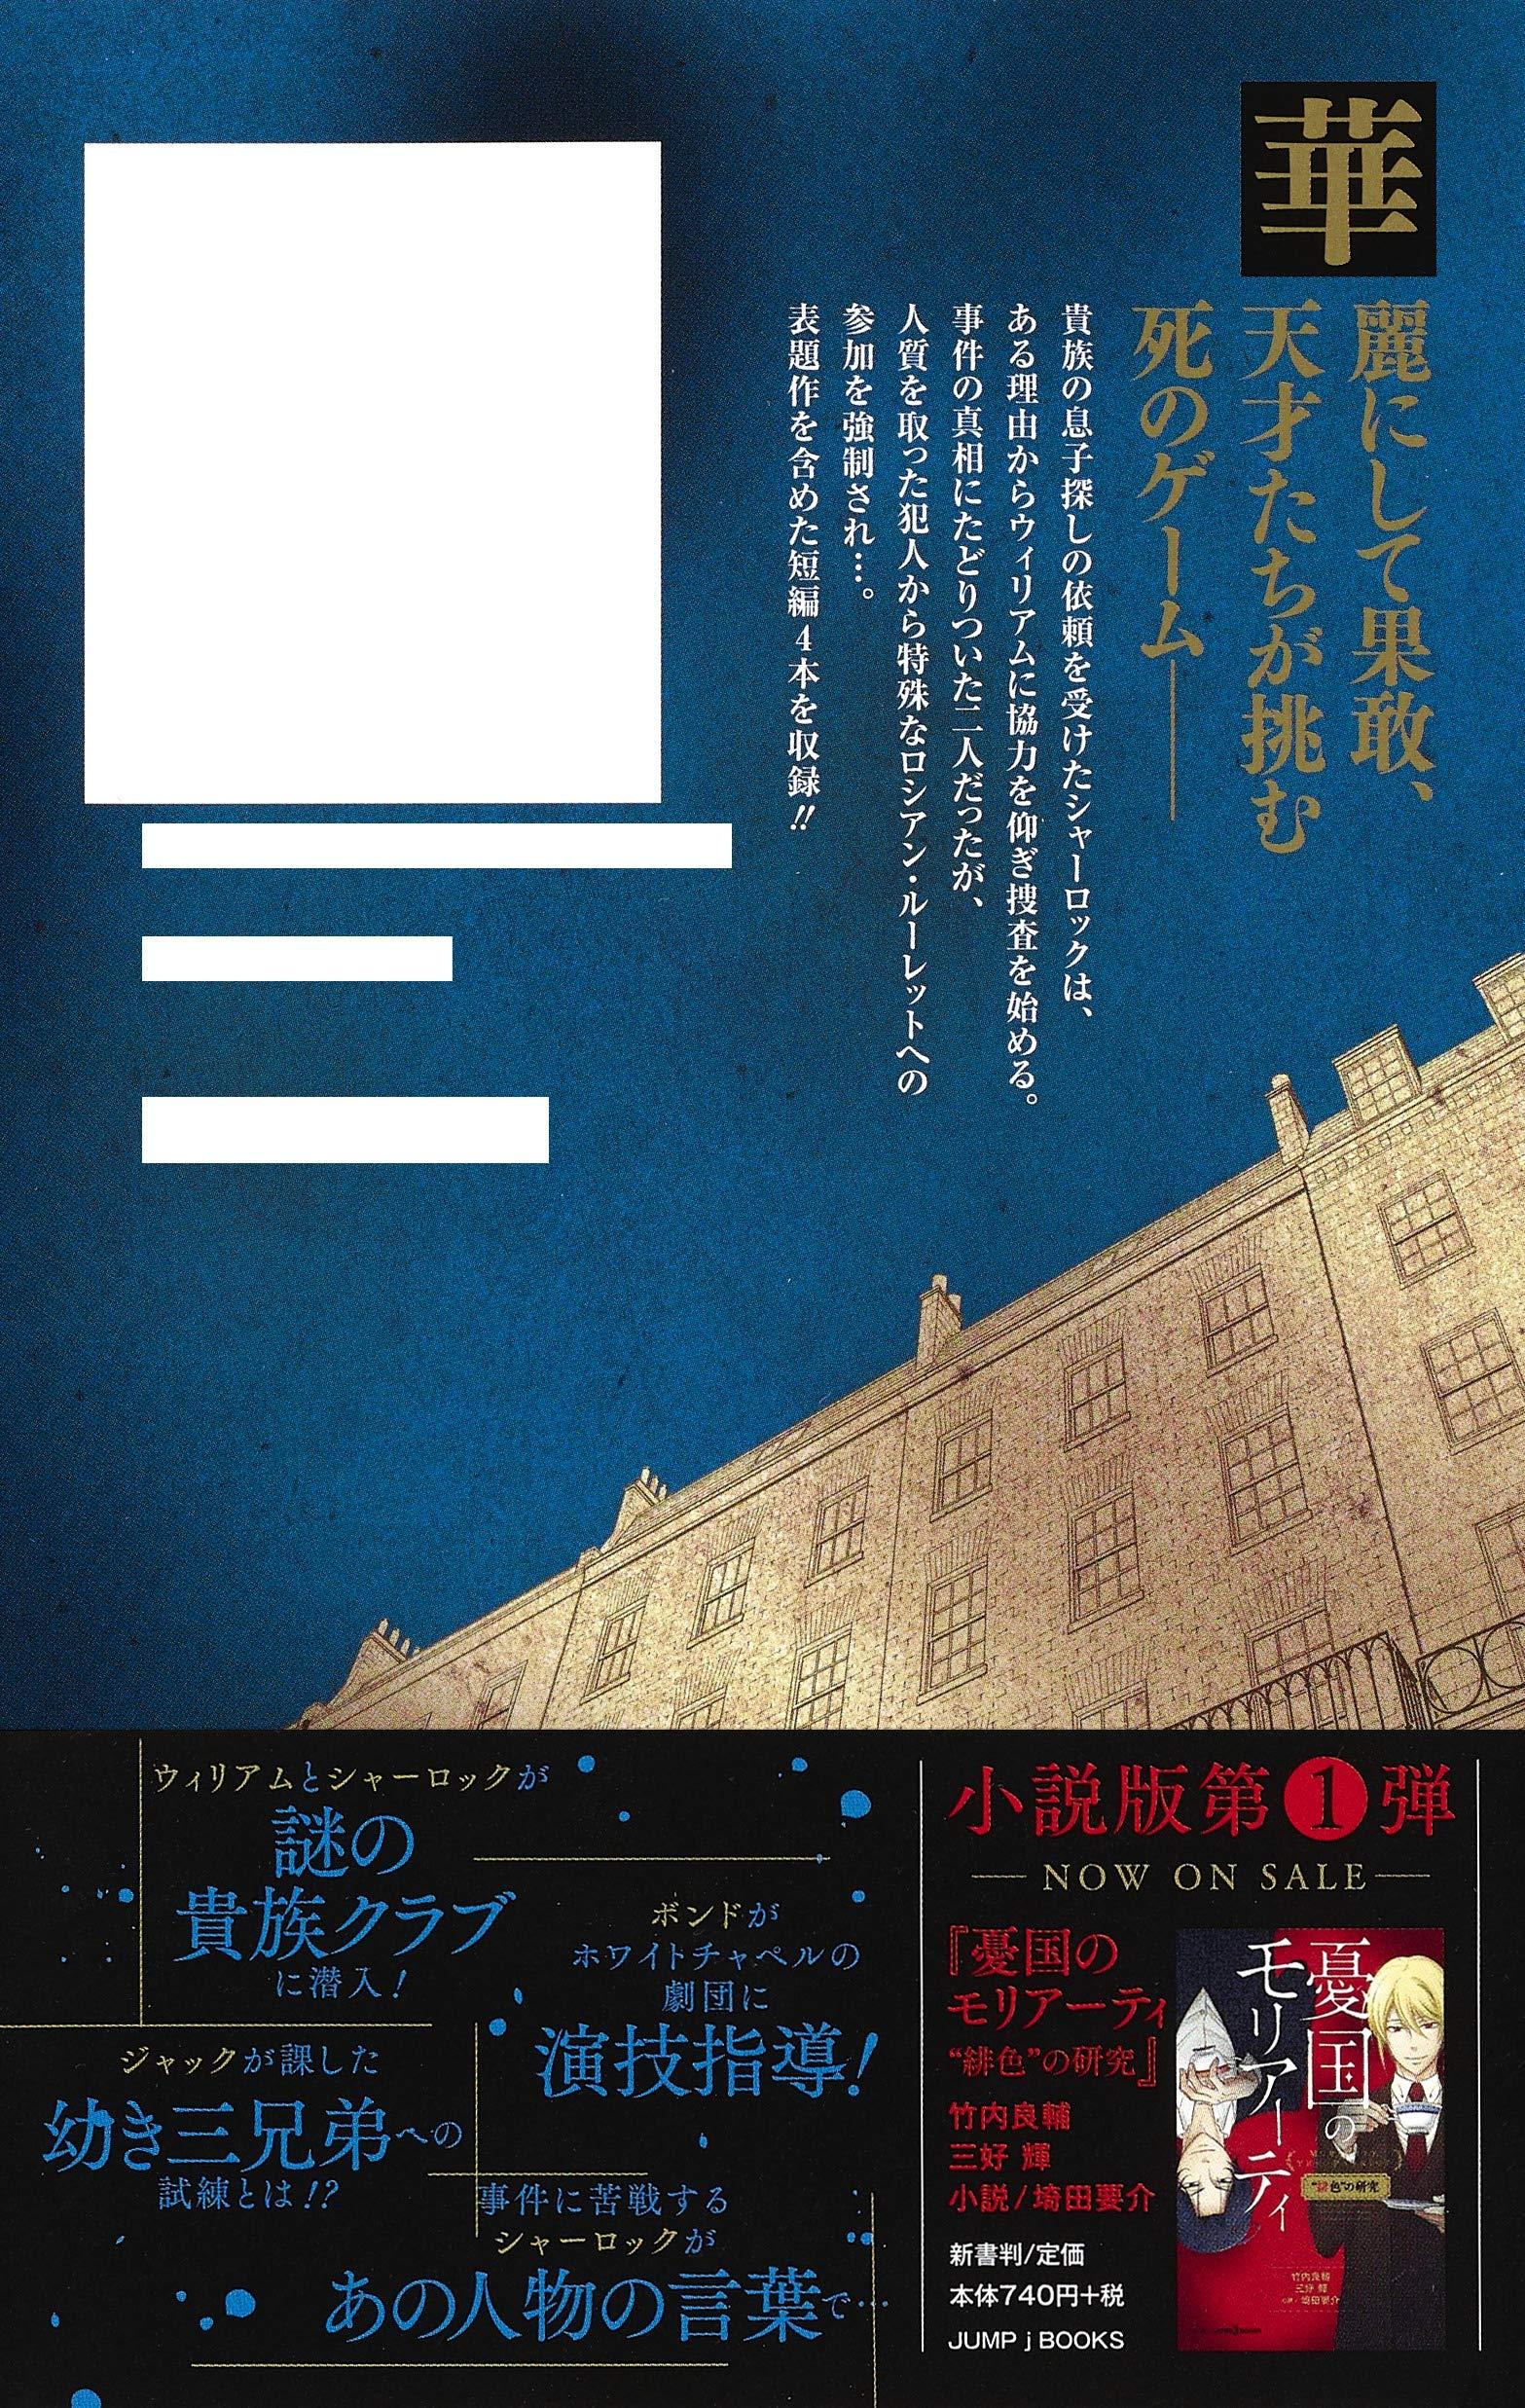 アーティ 憂国 の 夢 小説 モリ